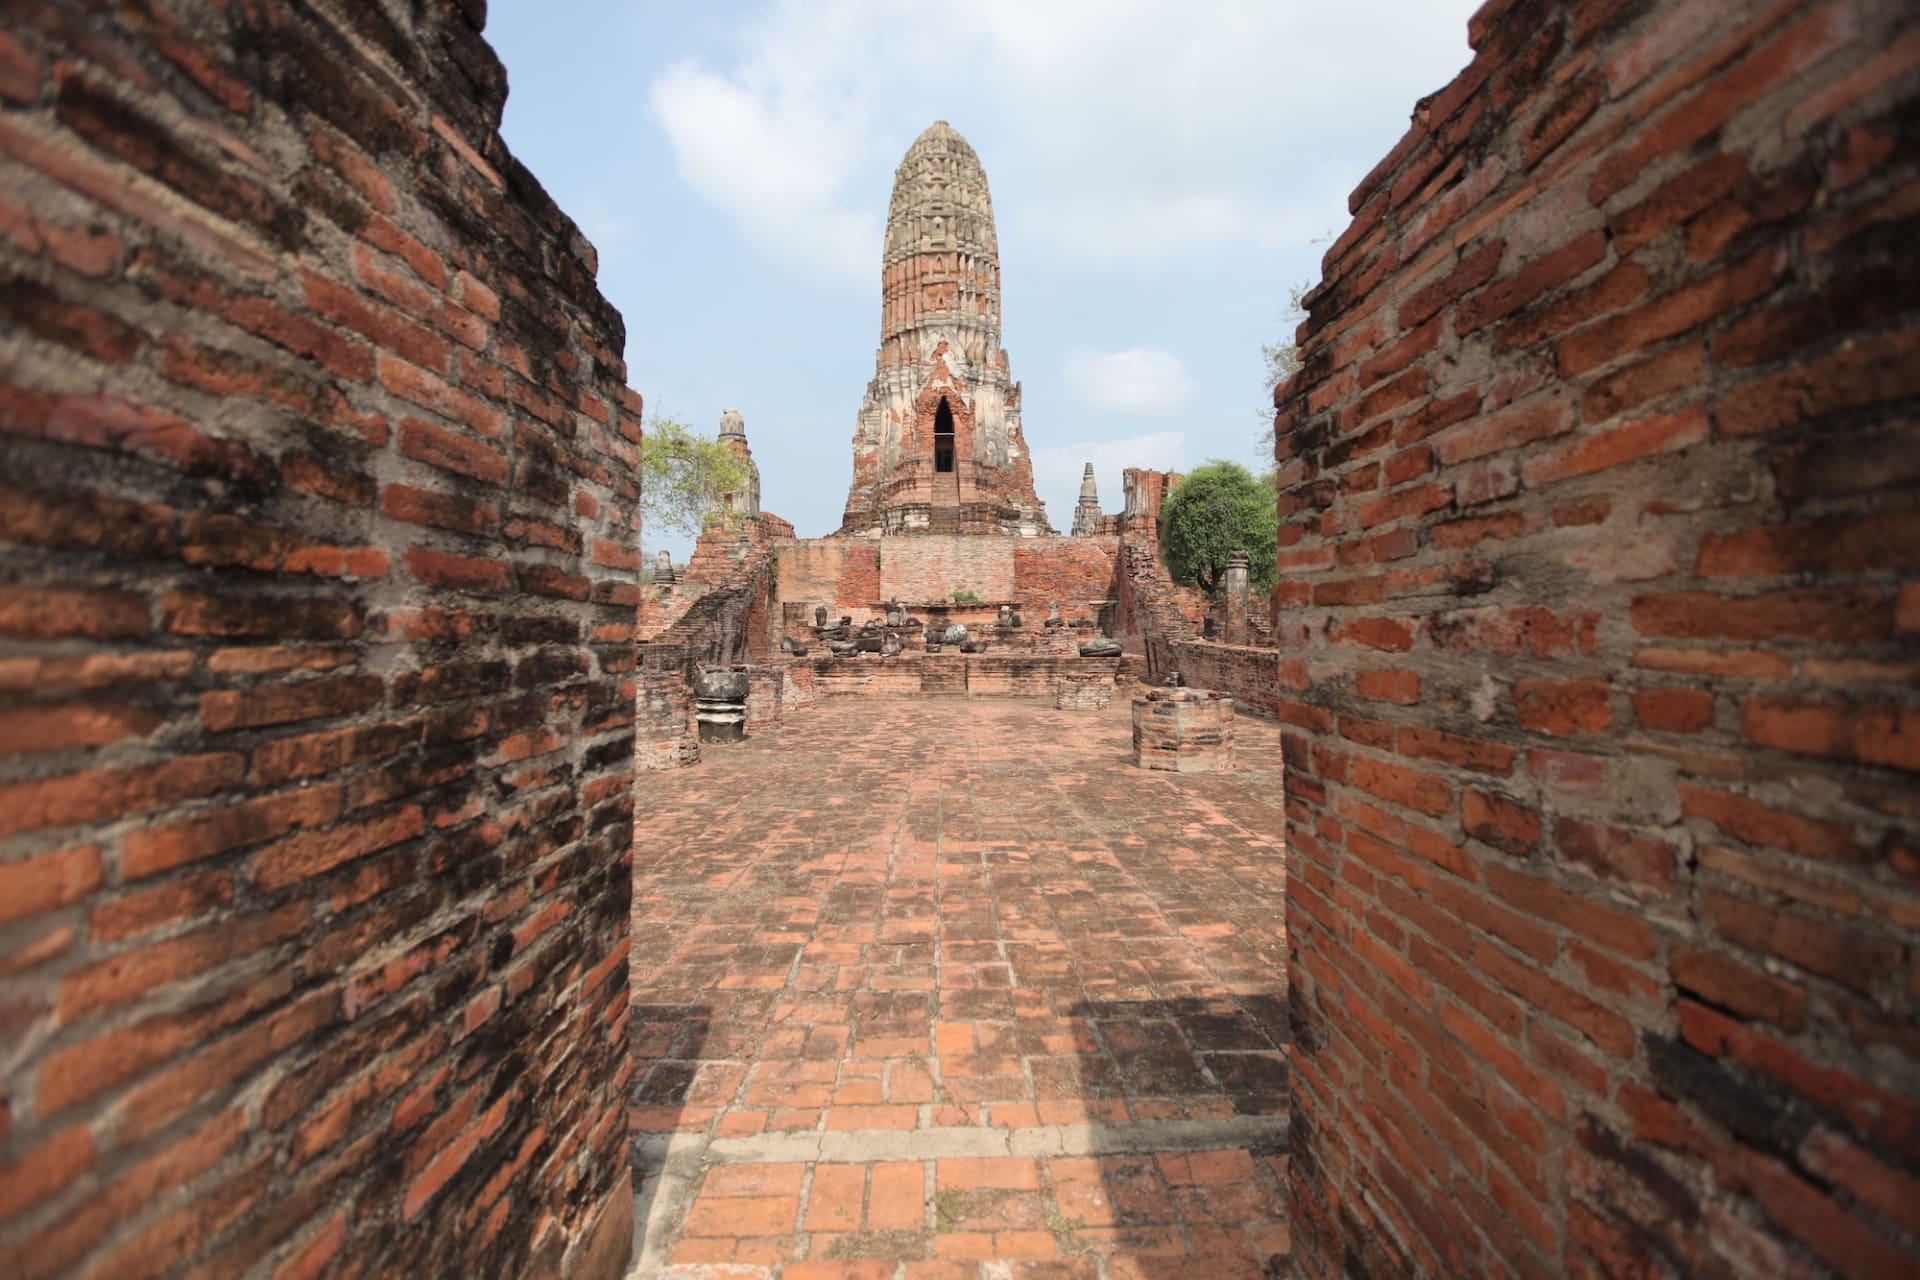 """الخطوط الجوية الدولية التايلاندية تقدم رحلة """"إلى لا مكان"""" فوق أبرز المواقع الدينية بالبلاد"""